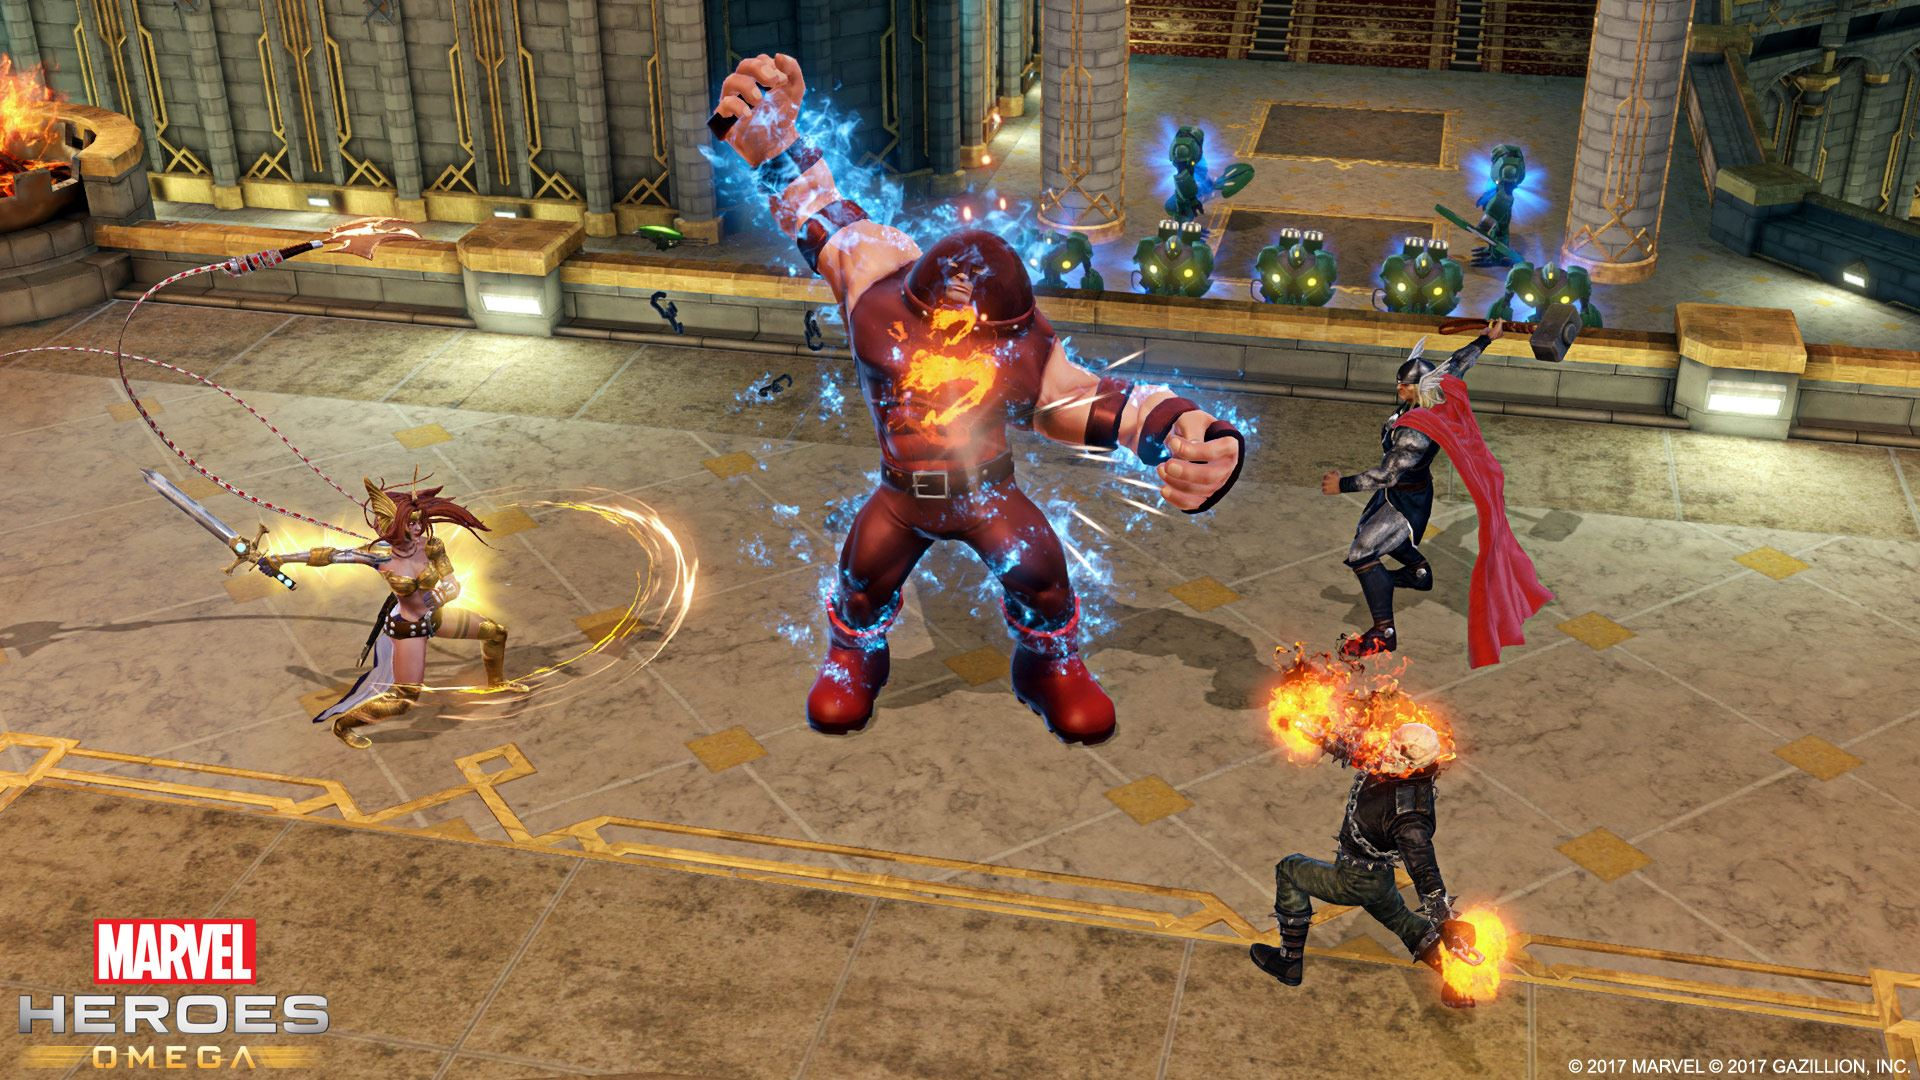 Marvel Heroes Omega Screenshot